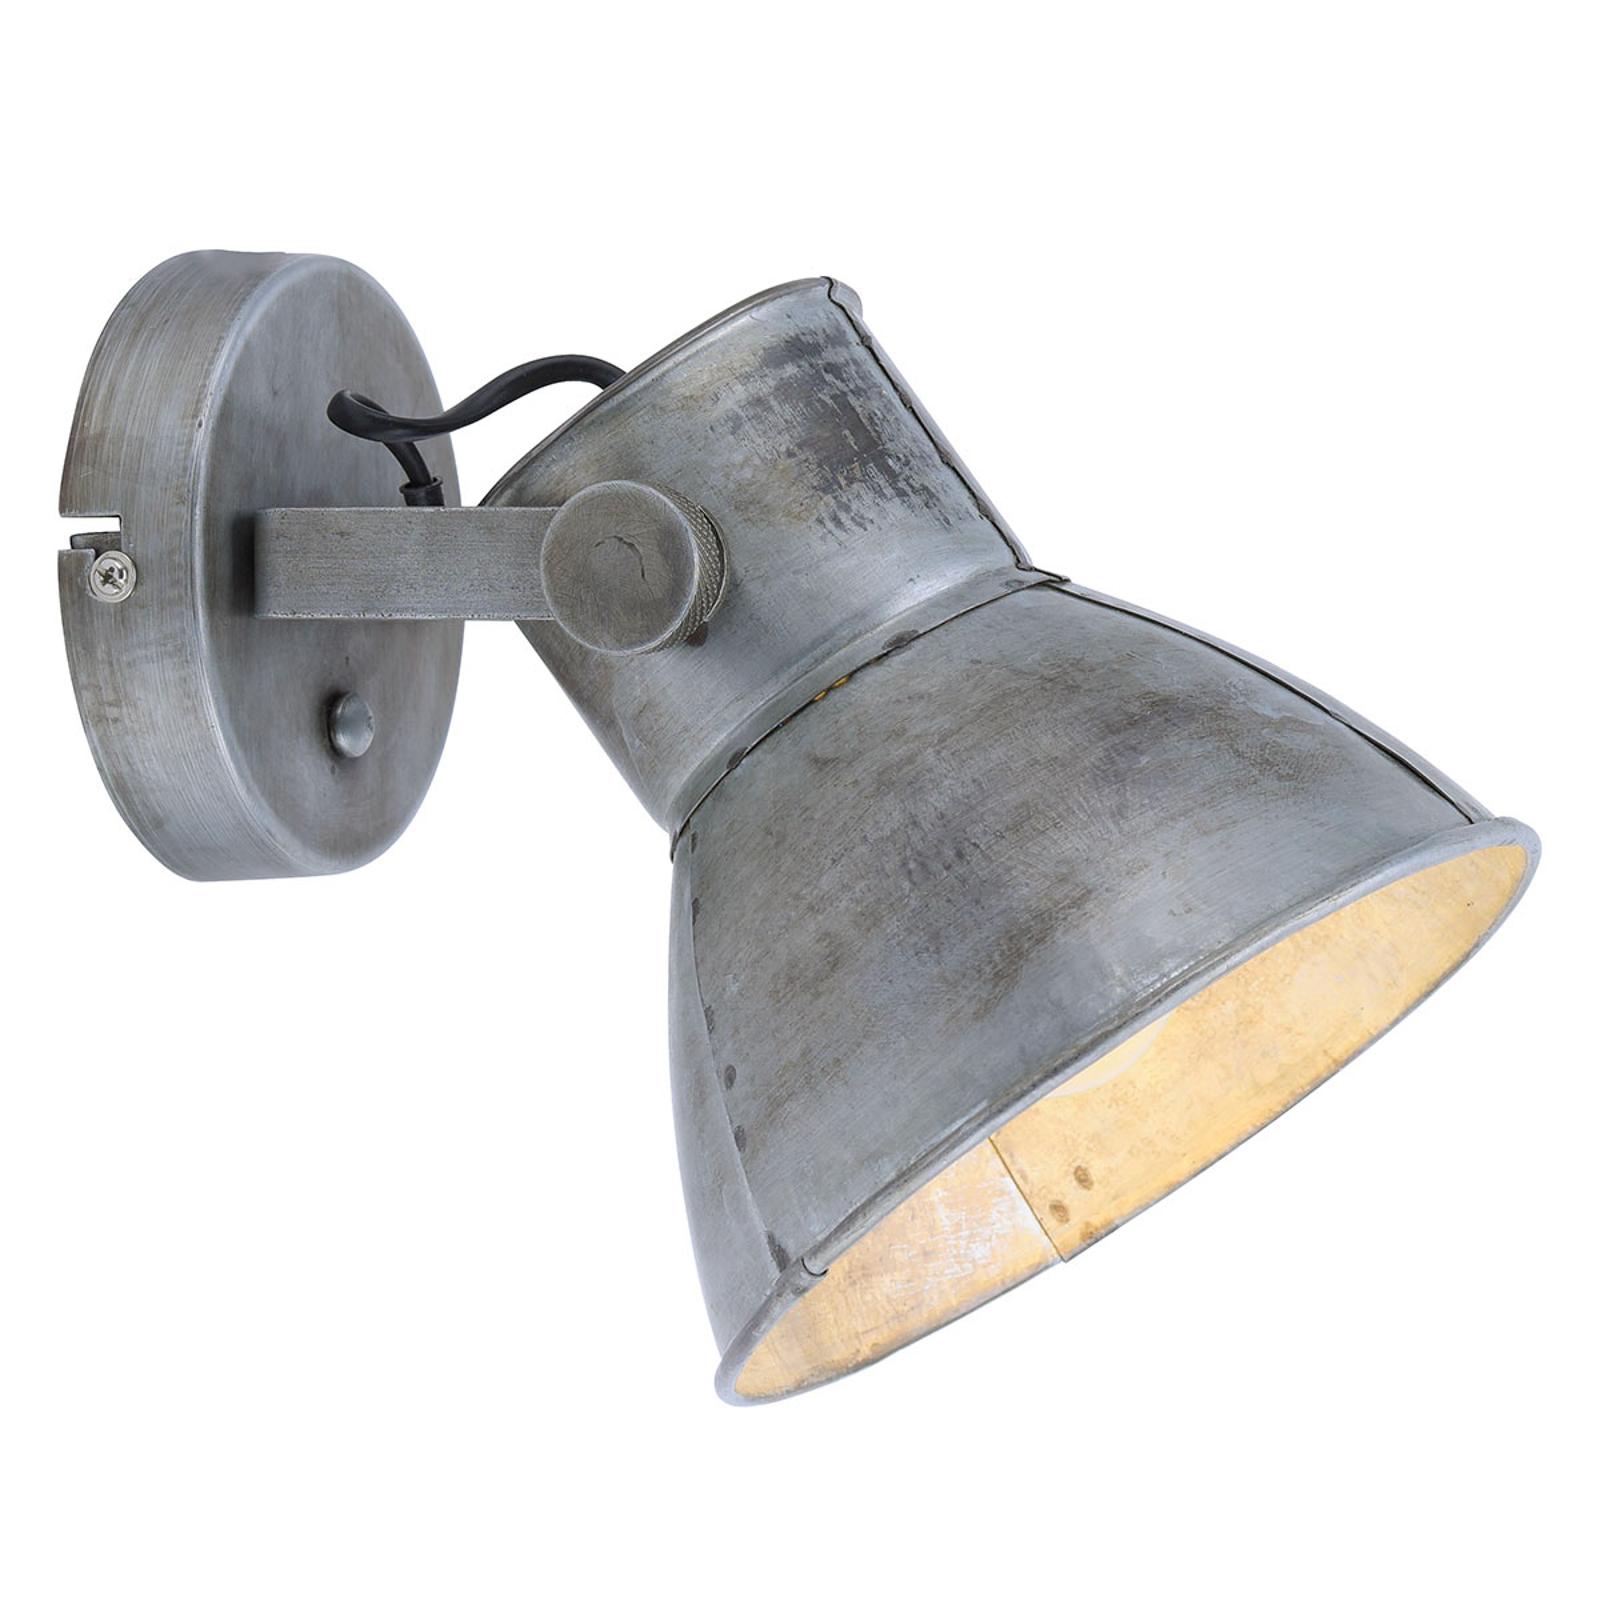 Mobilny przemysłowy reflektor ścienny Gabriel